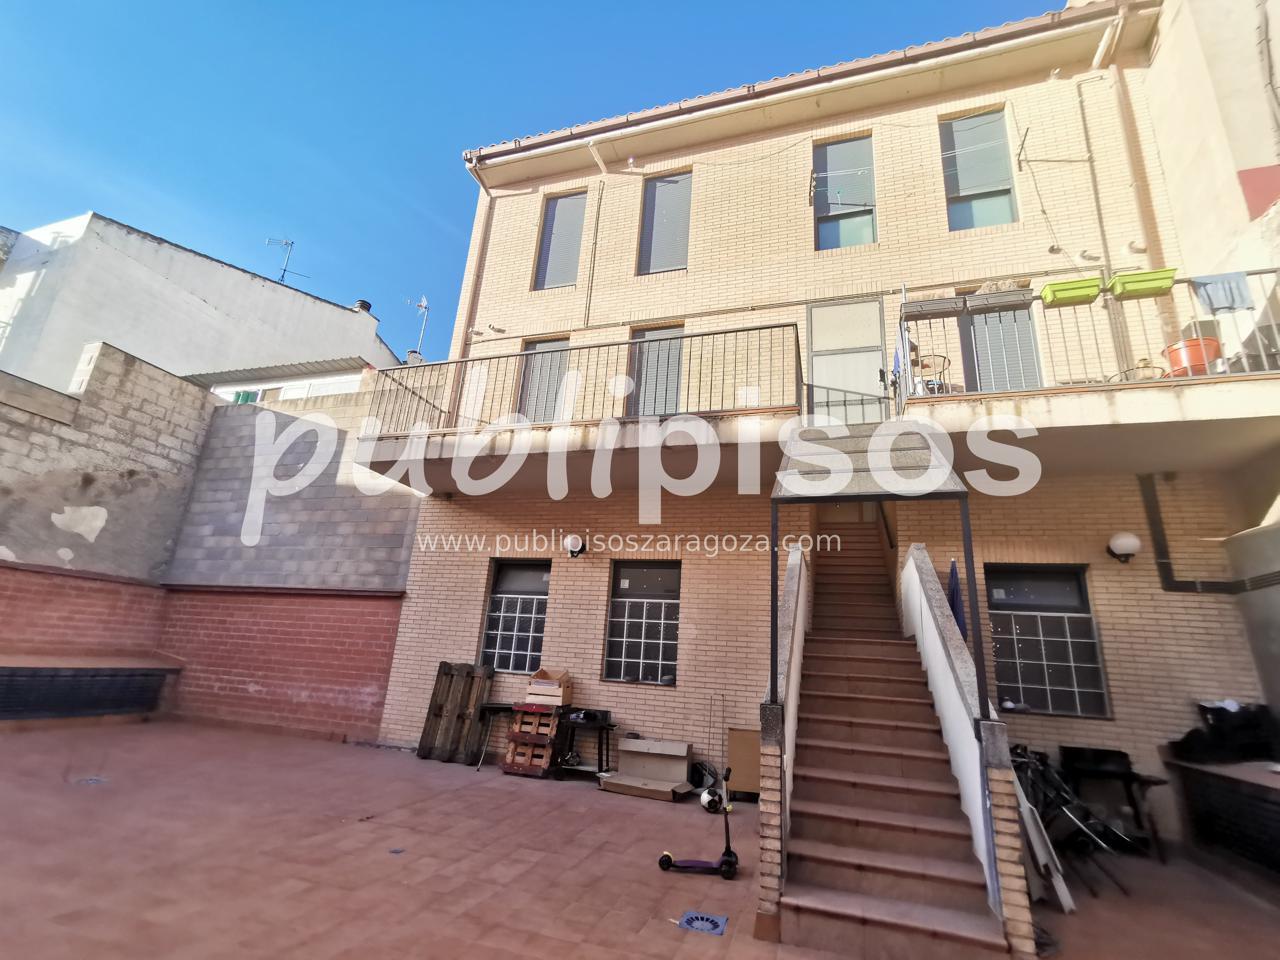 Piso económico con garaje La Puebla de Alfinden-23